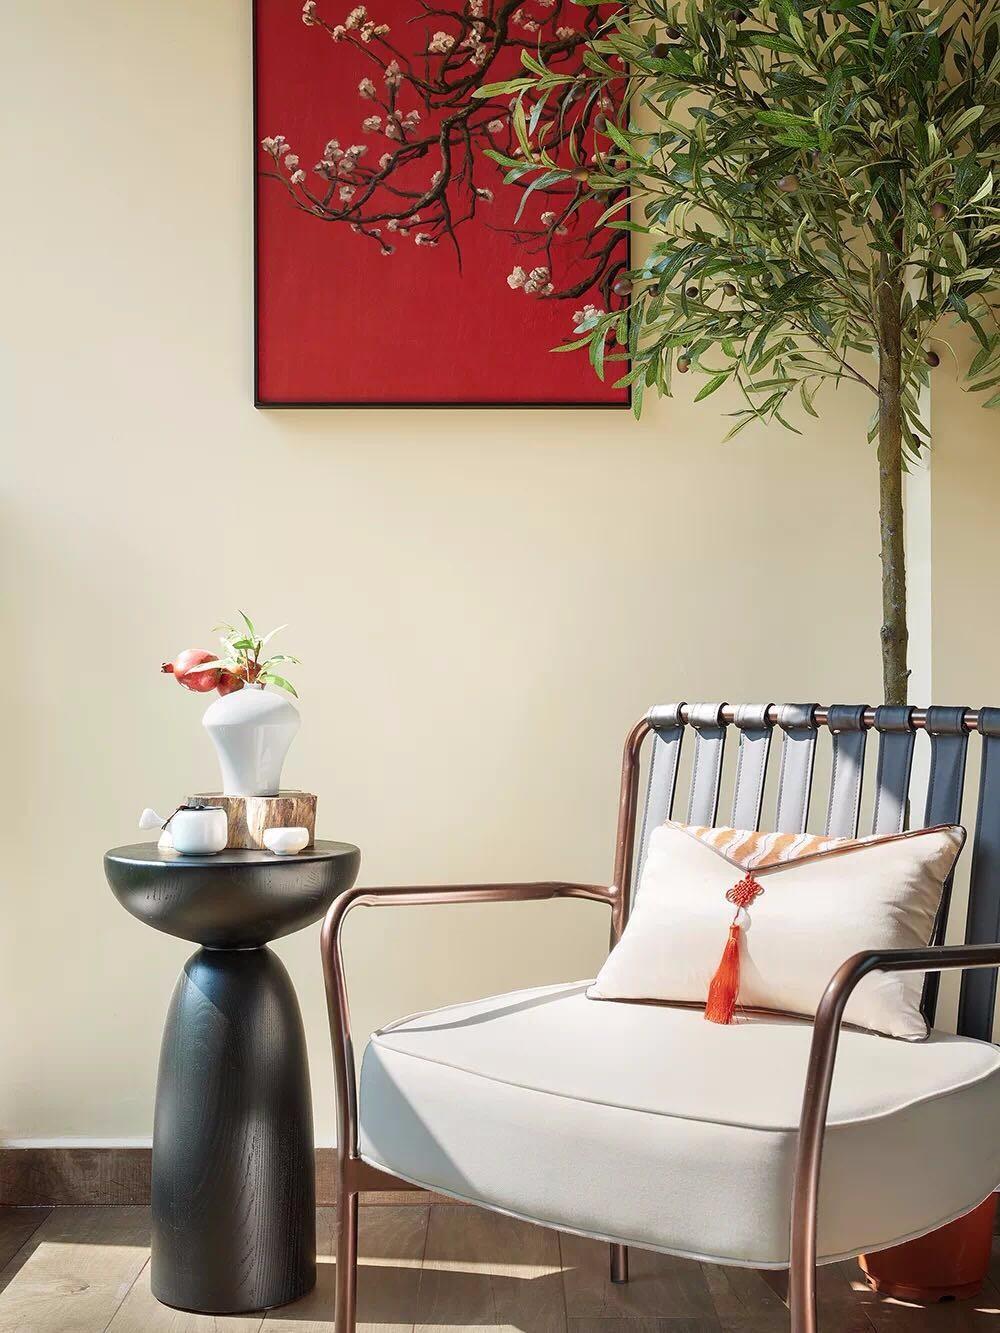 新中式家居設計摒棄呆板沉悶,加入現代風12149359